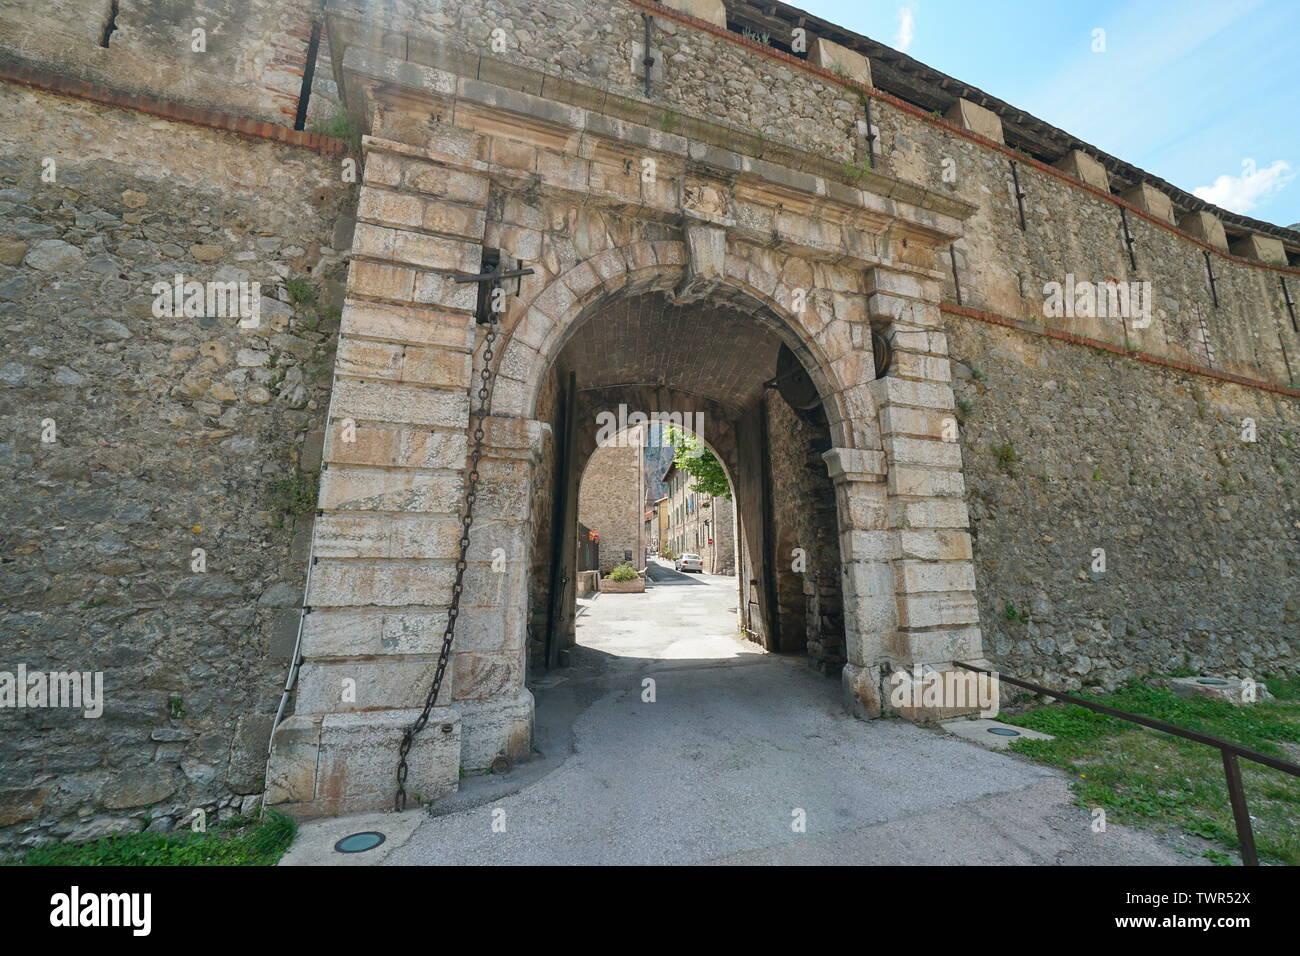 Gate entrance to medieval village Villefranche de Conflent, Pyrenees Orientales, Occitanie, France Stock Photo